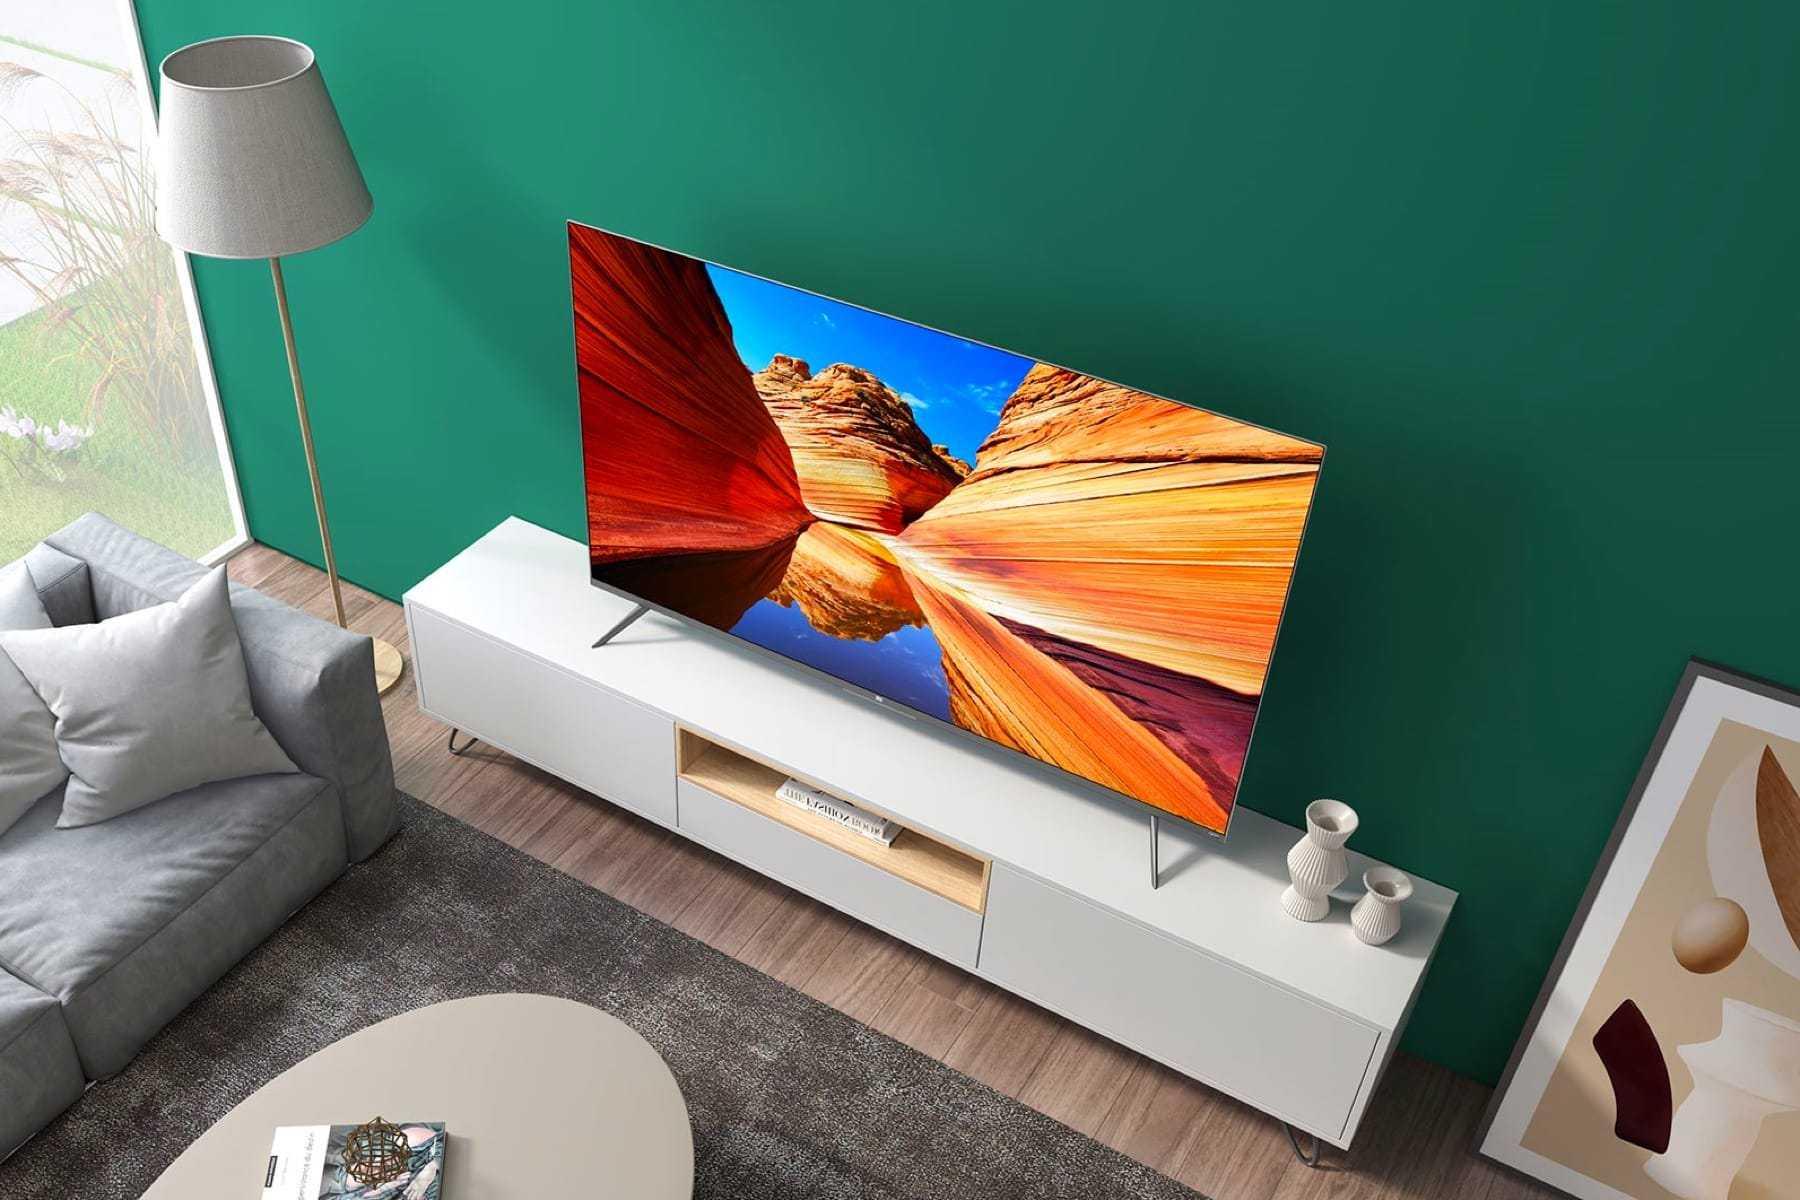 Как купить крутой телевизор от xiaomi или leeco за копейки